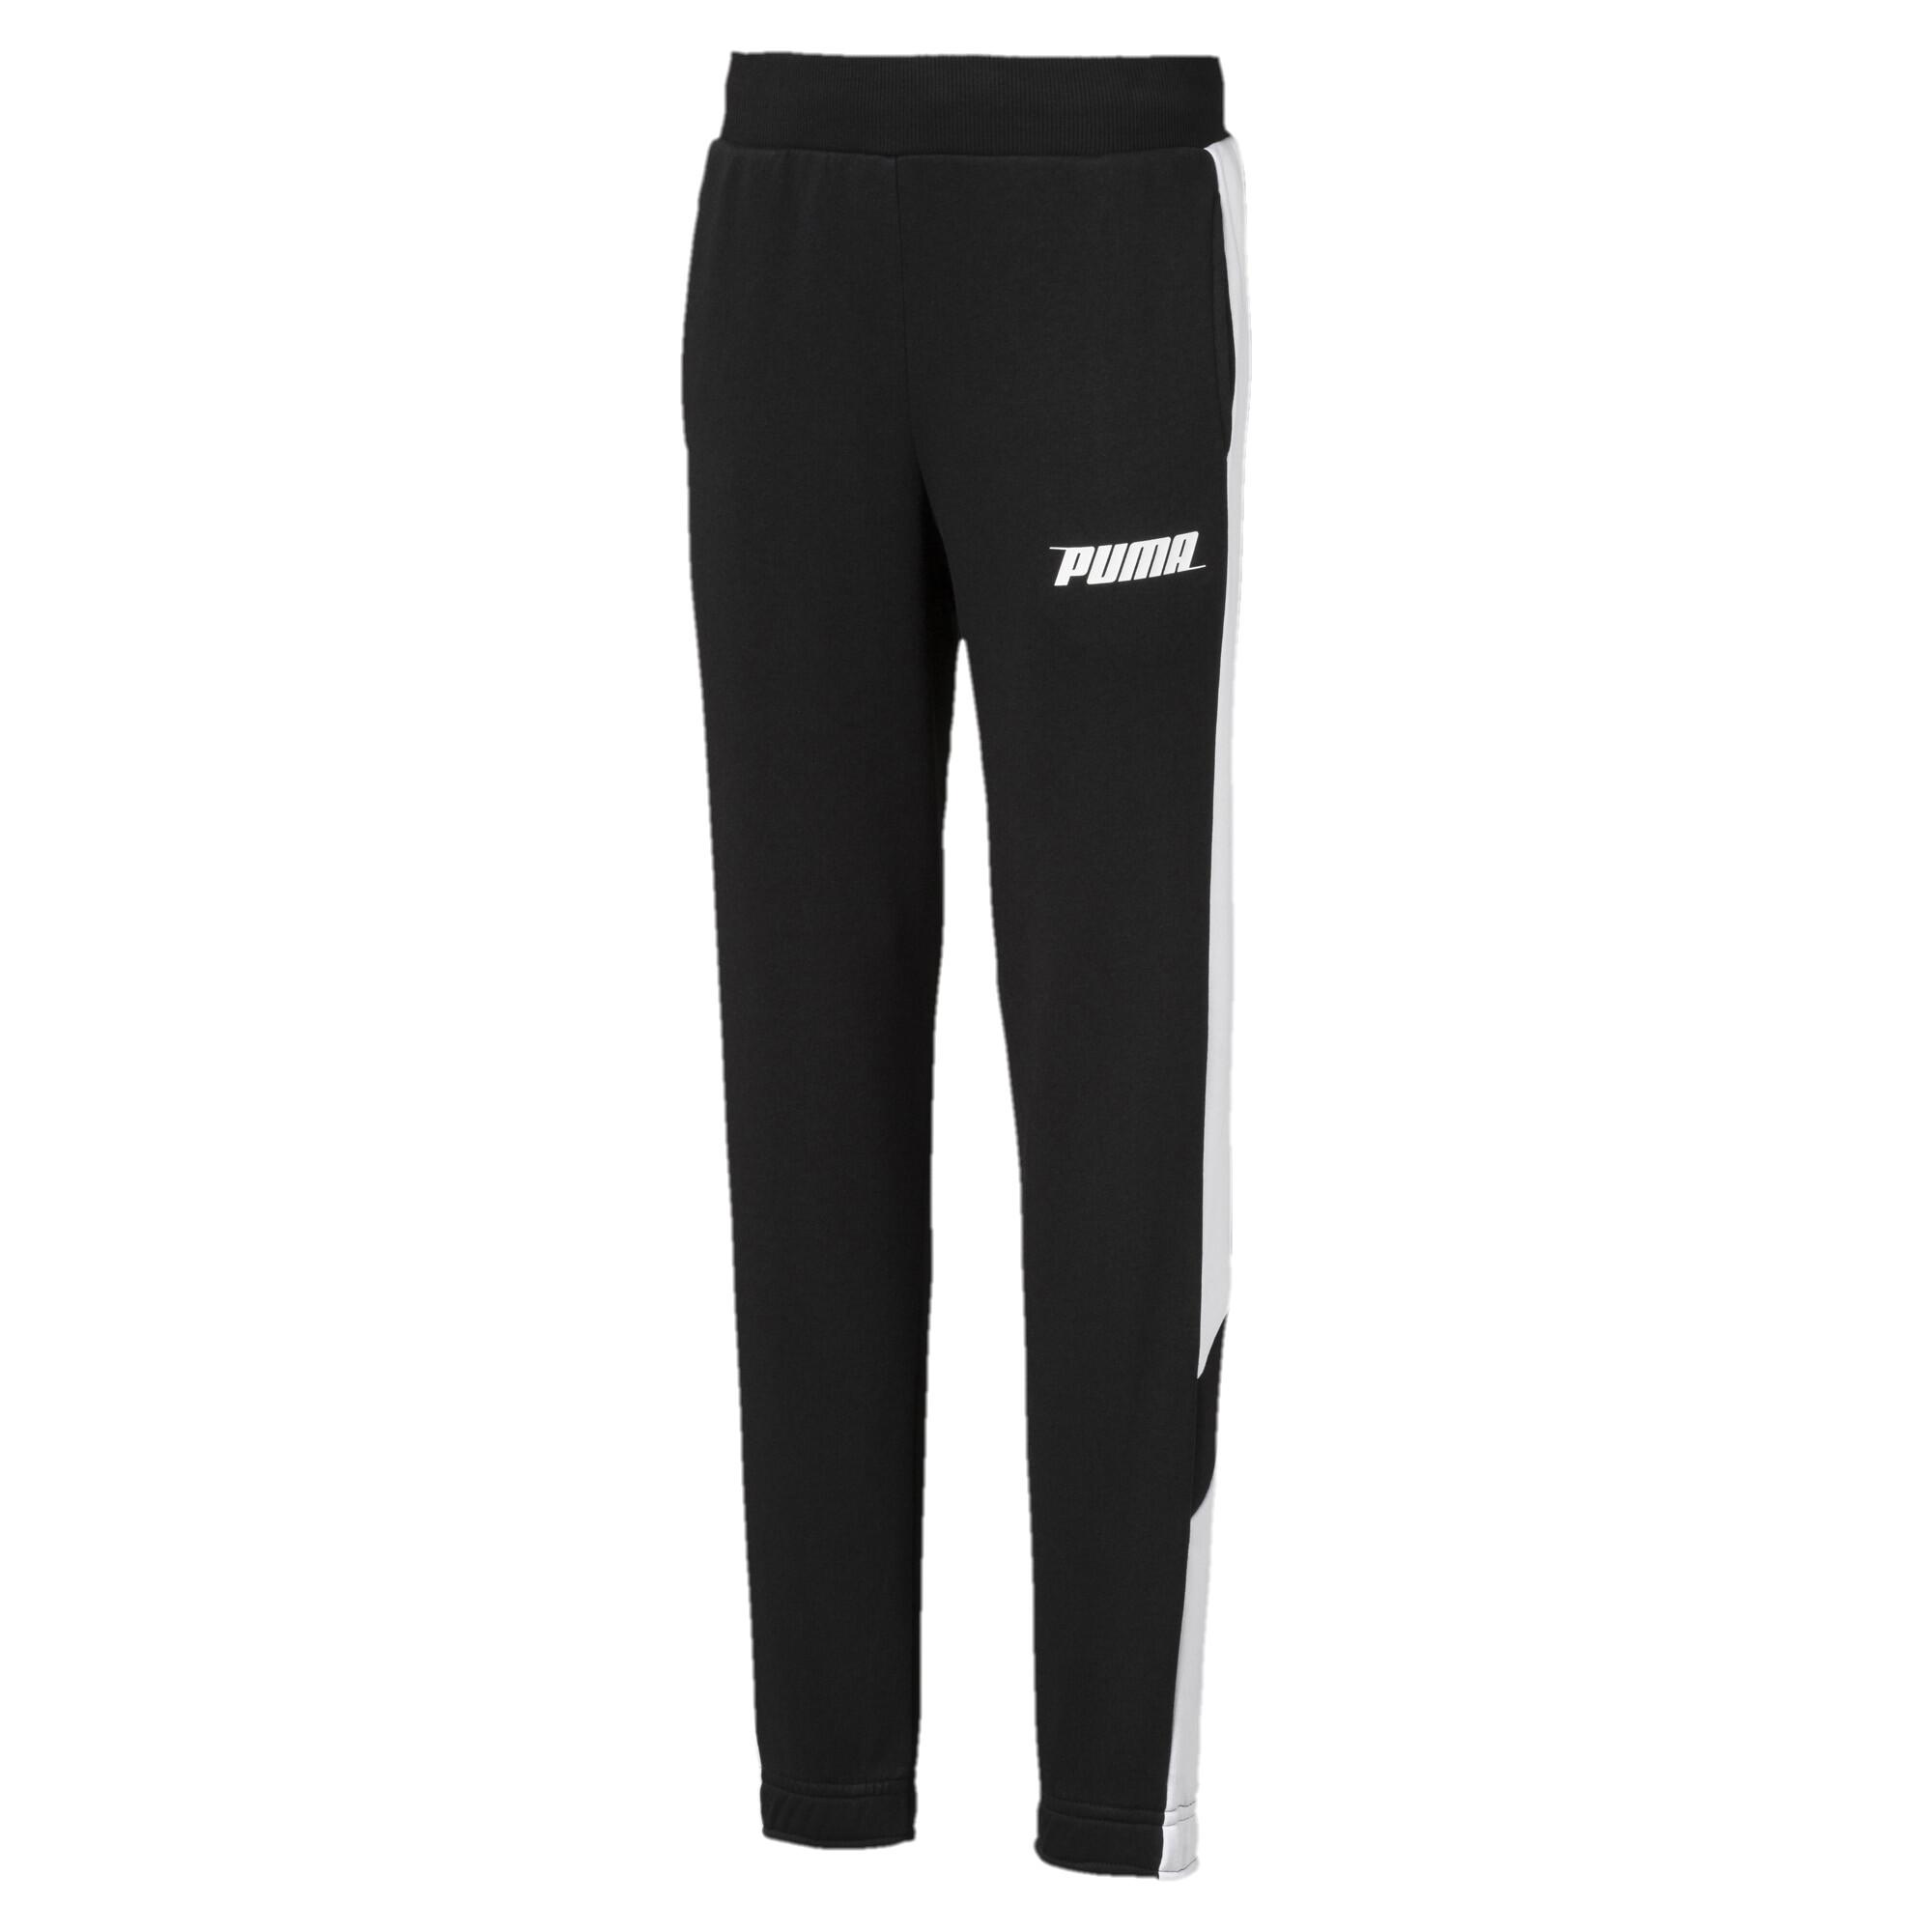 【プーマ公式通販】 プーマ キッズ REBEL パンツ メンズ Cotton Black  PUMA.com